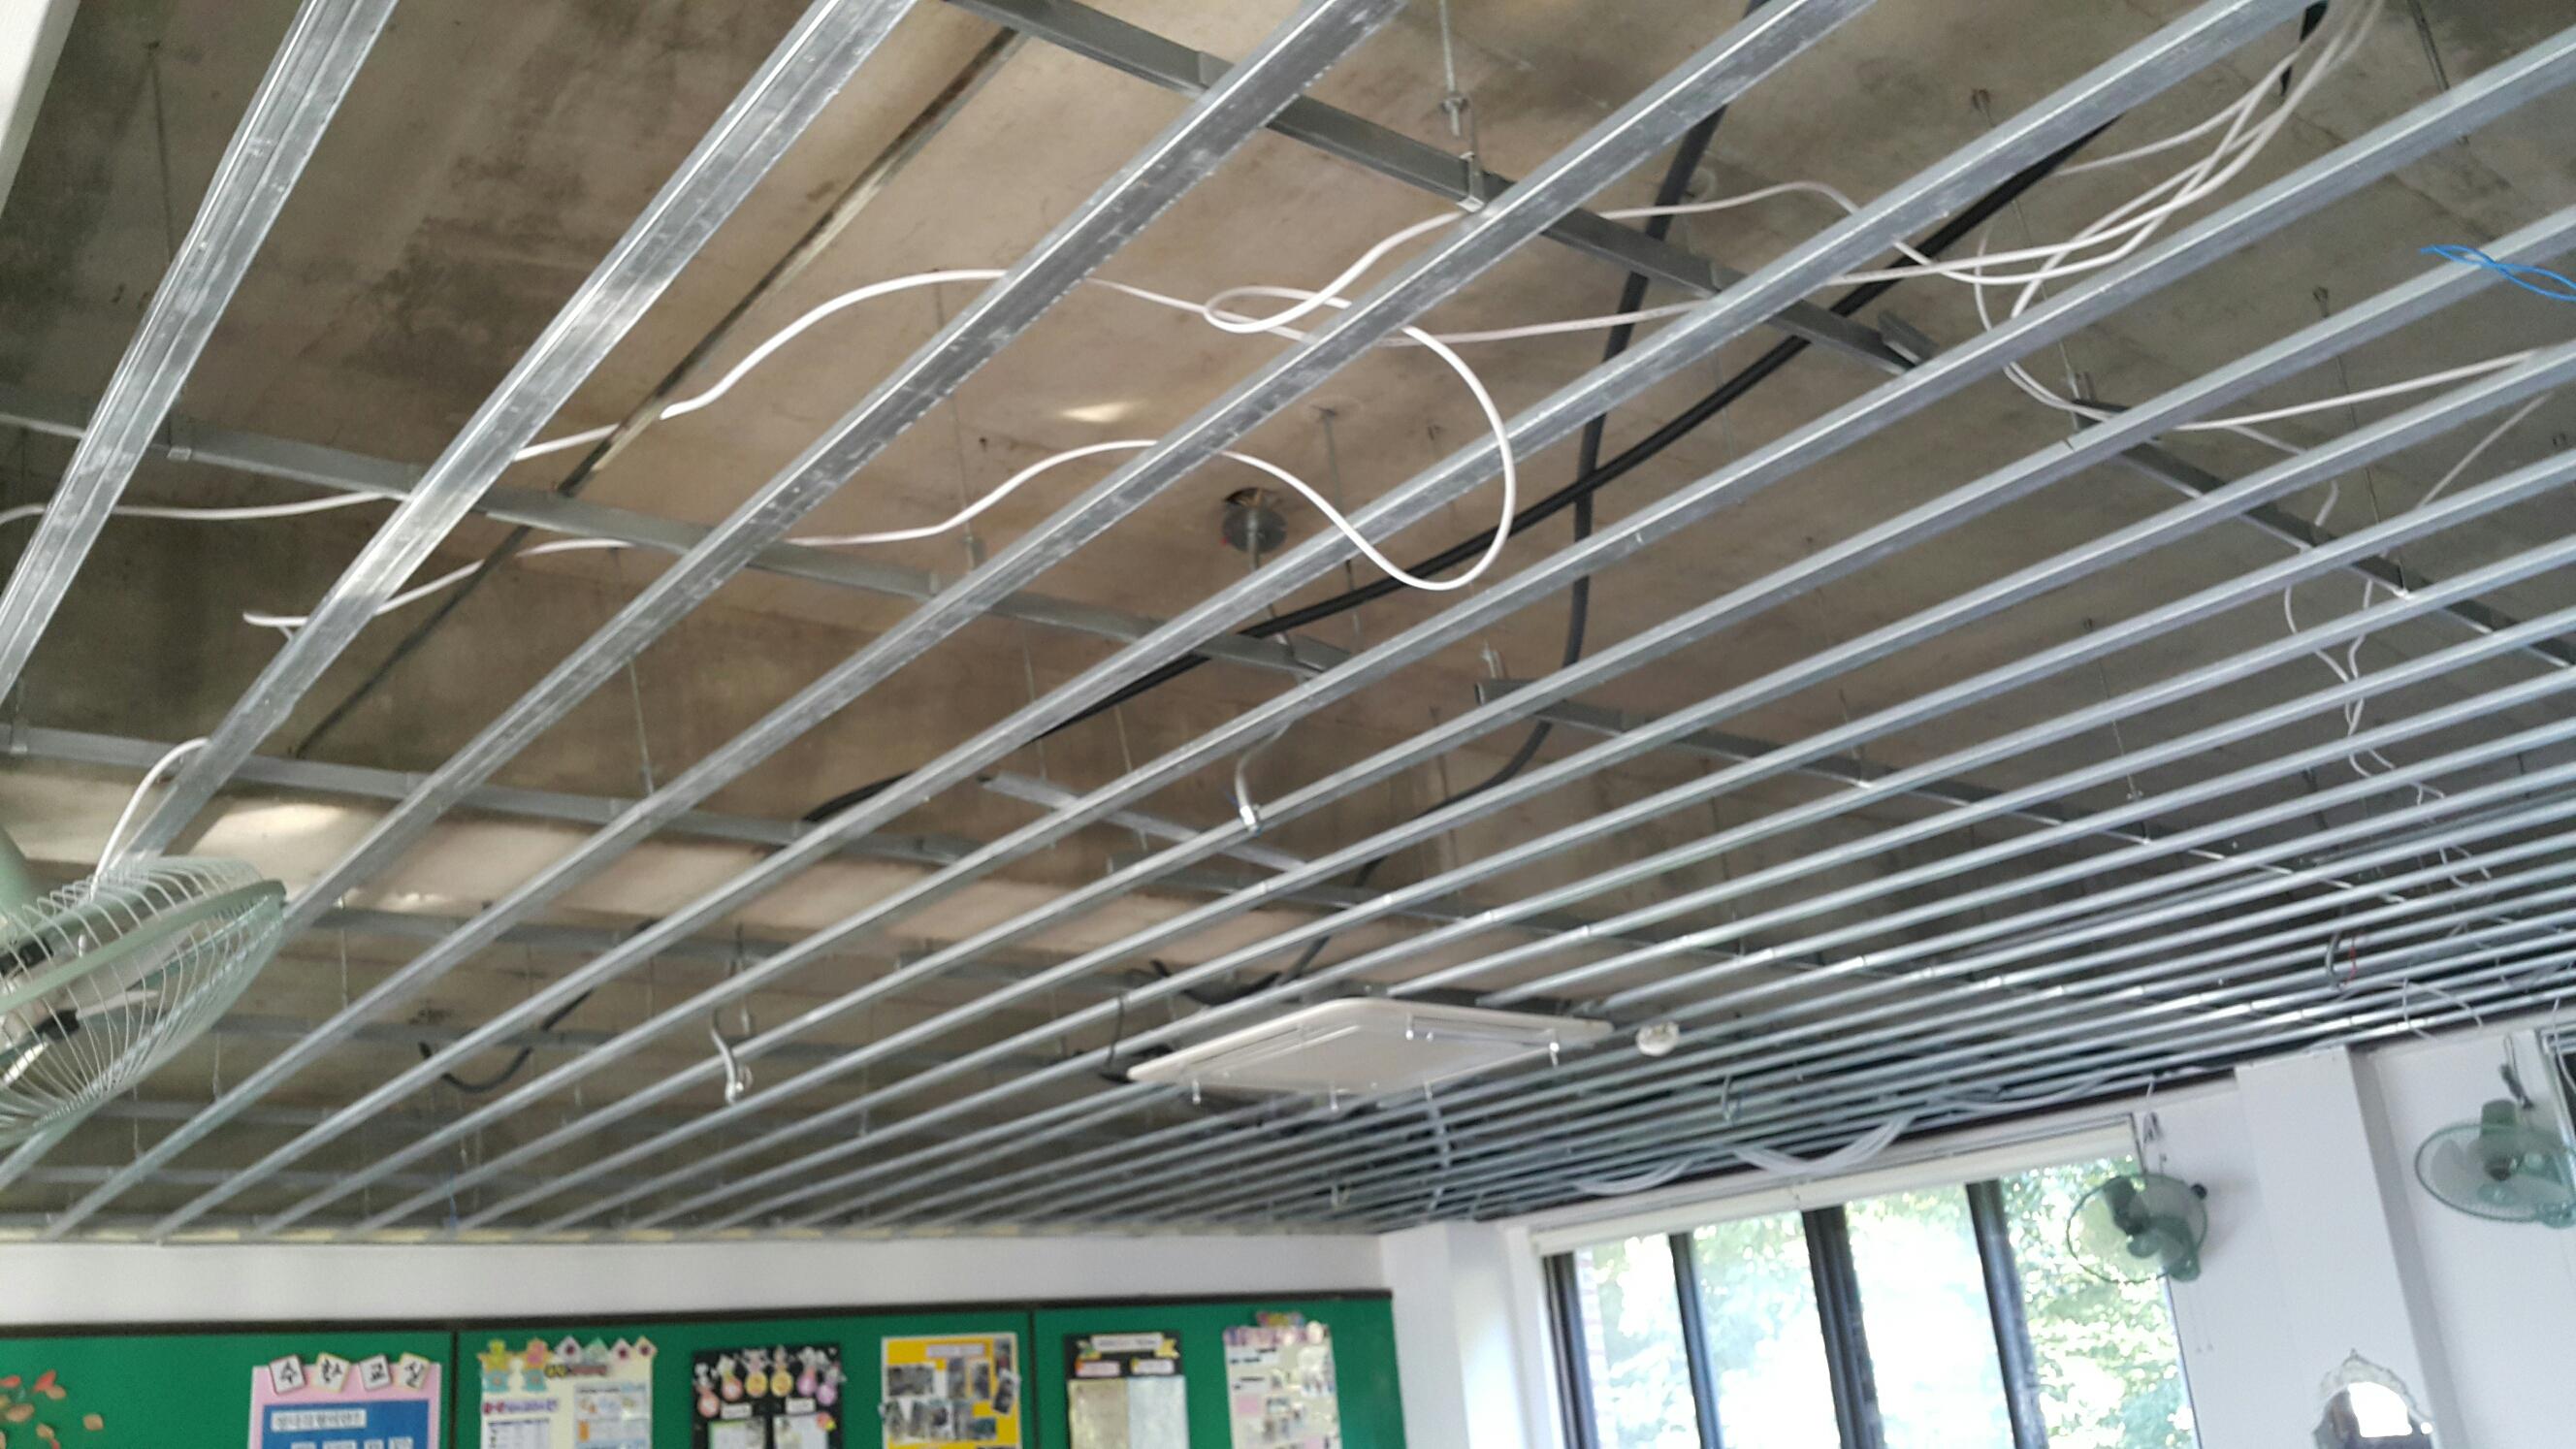 22 번째 사진  에  연면적7323.68 ㎡ 부산광역시 해운대구 반송동 송운초등학교 석면텍스해체 보고서